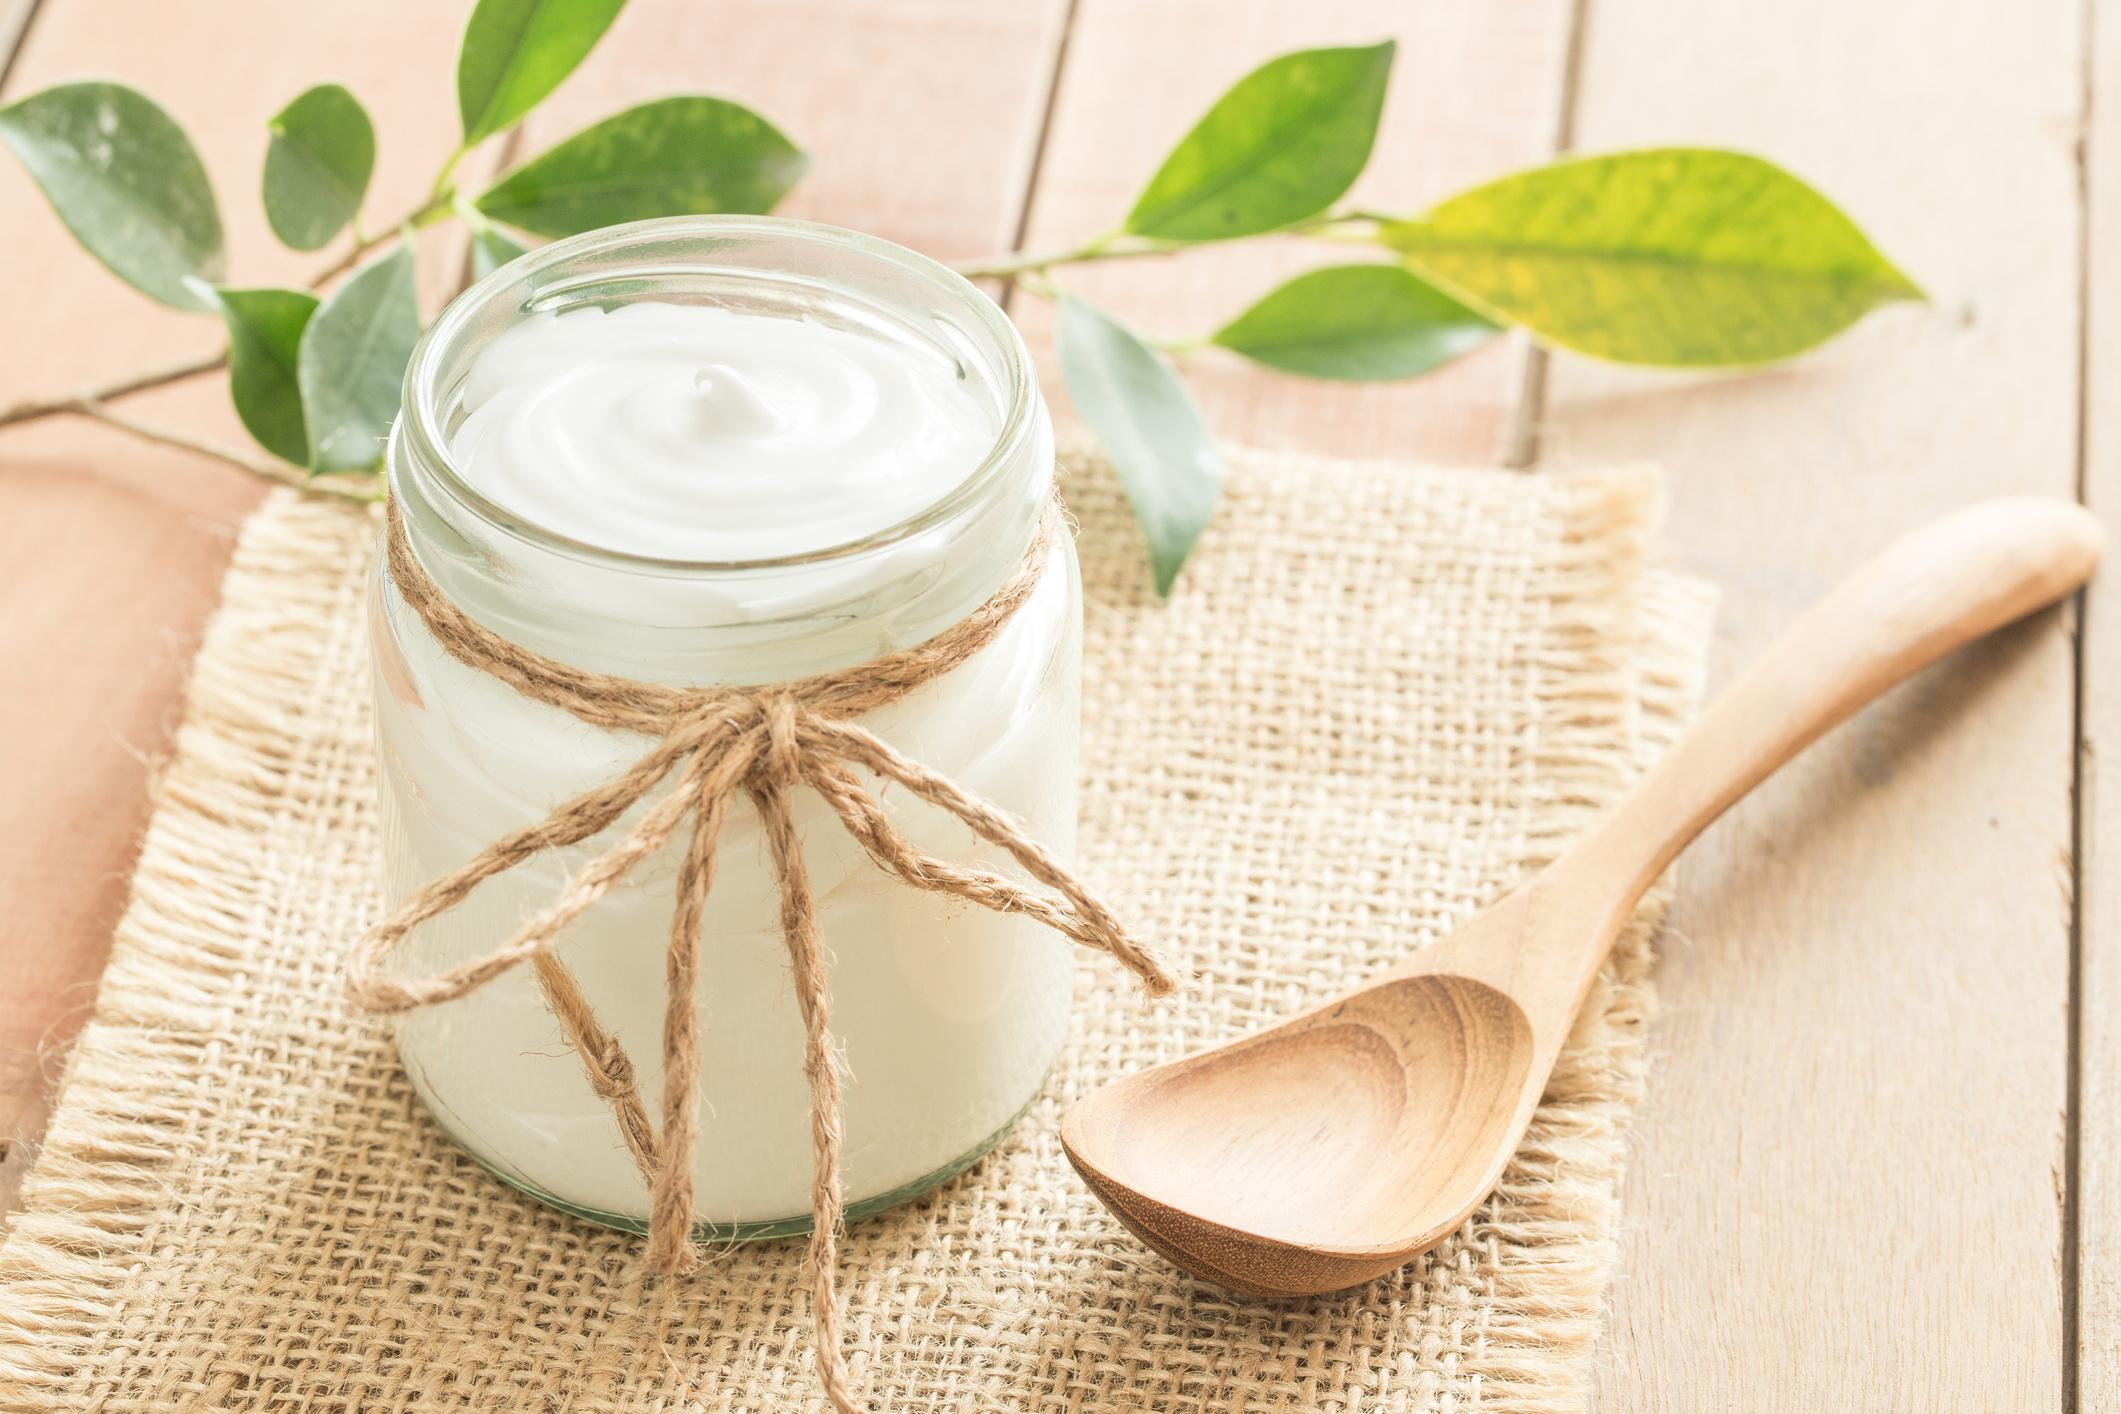 A joghurt az egyik legjobb probiotikumforrás, melyet tejsavbaktériummal és bifidobaktériummalfermentálnak. Fogyasztásának számos pozitív hatása van, például jót tesz a csontoknak, és a magas vérnyomással küzdőknek is ajánlott.